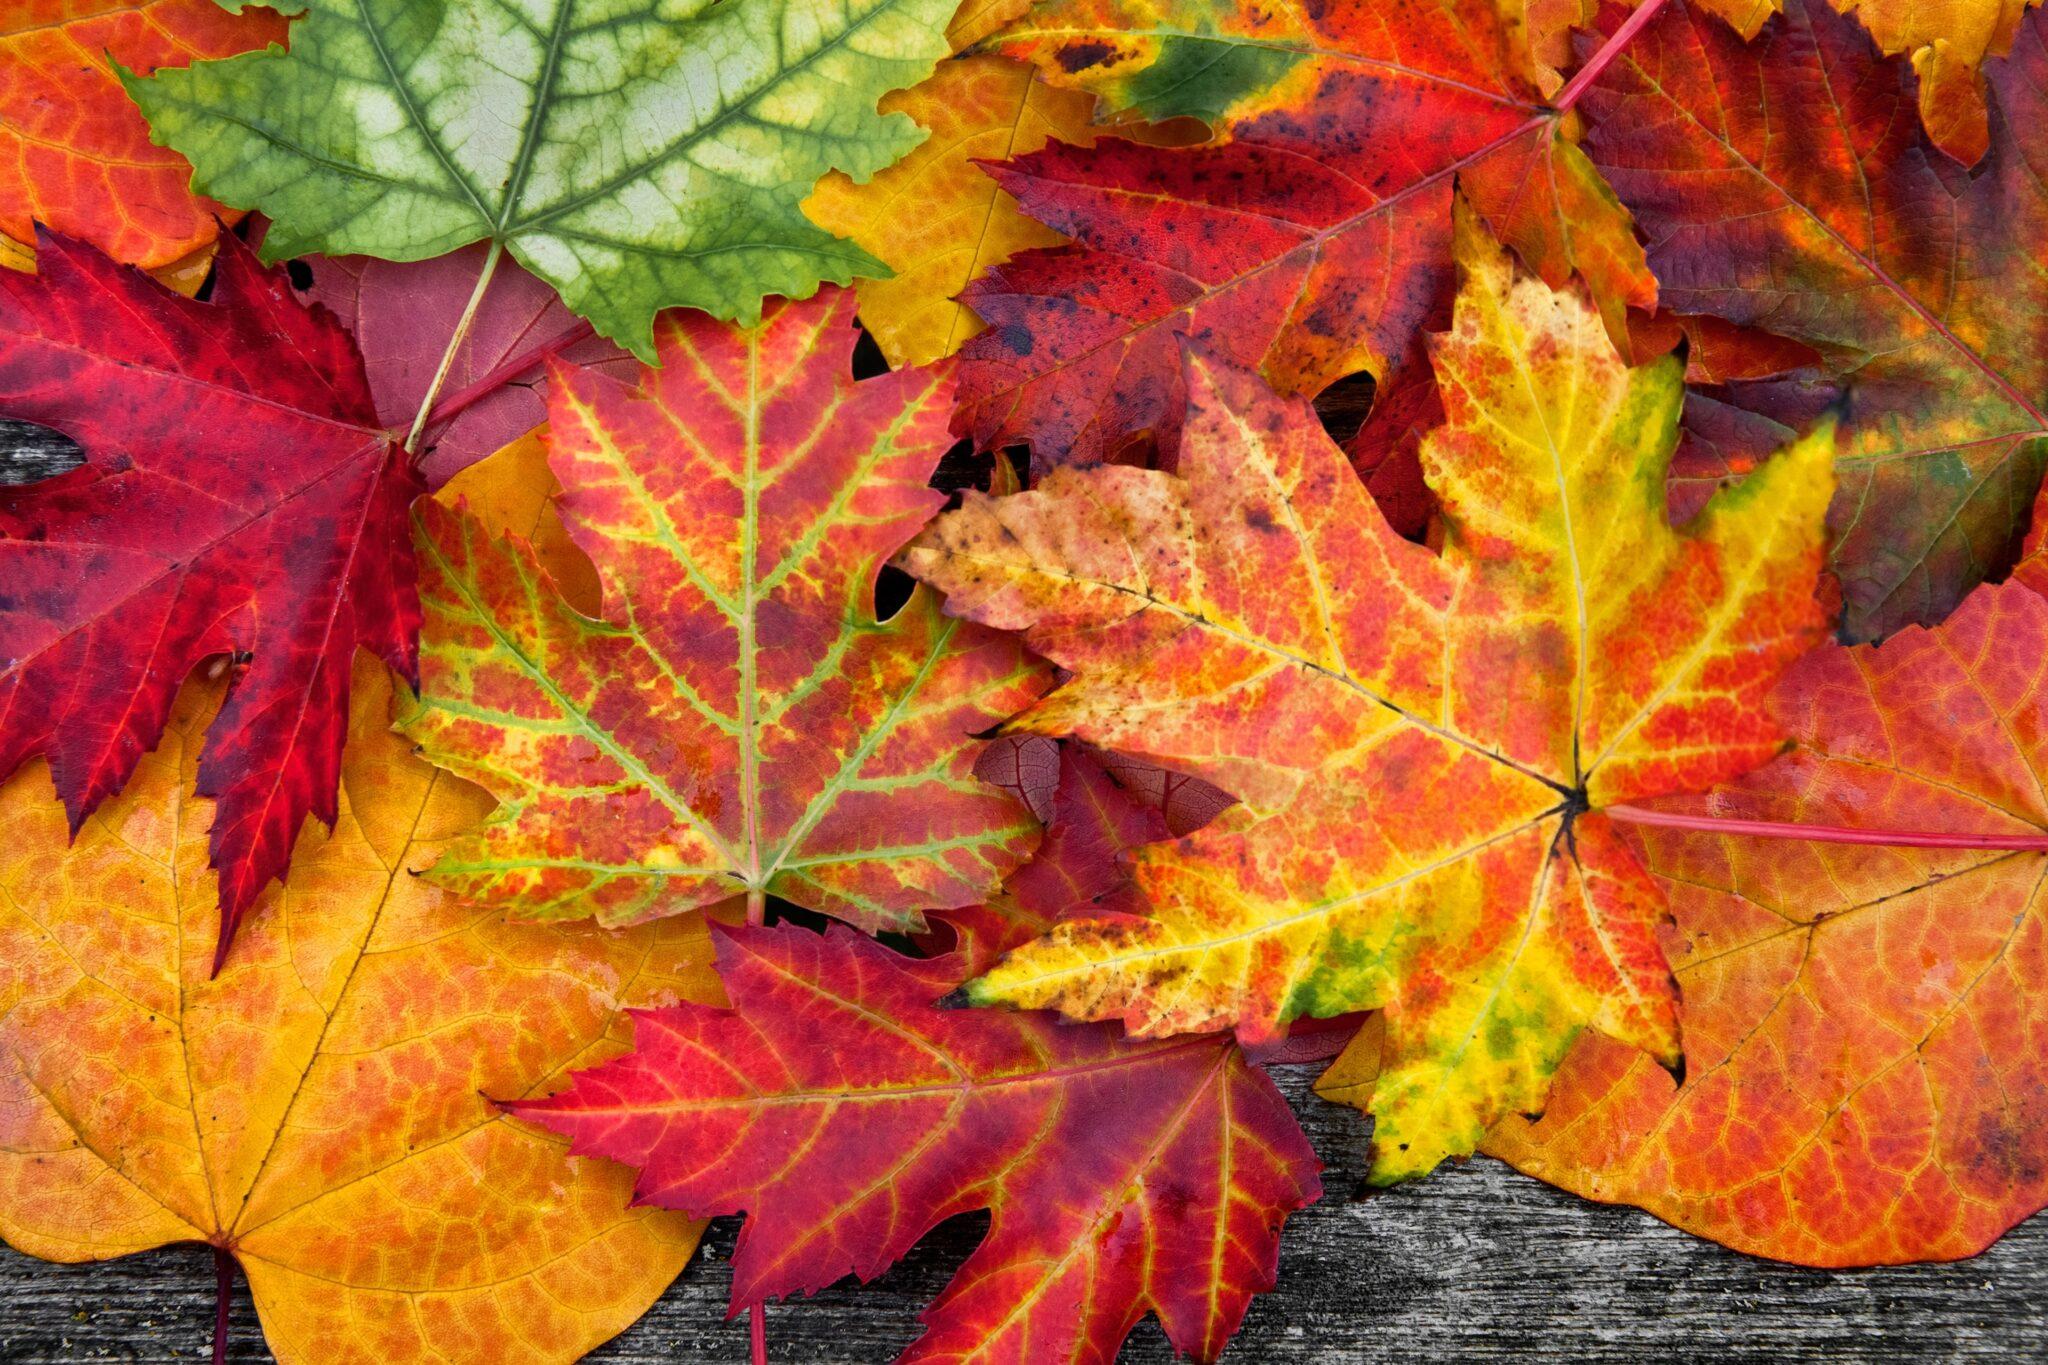 Иммунолог предупредил об опасности опавшей листвы для аллергиков